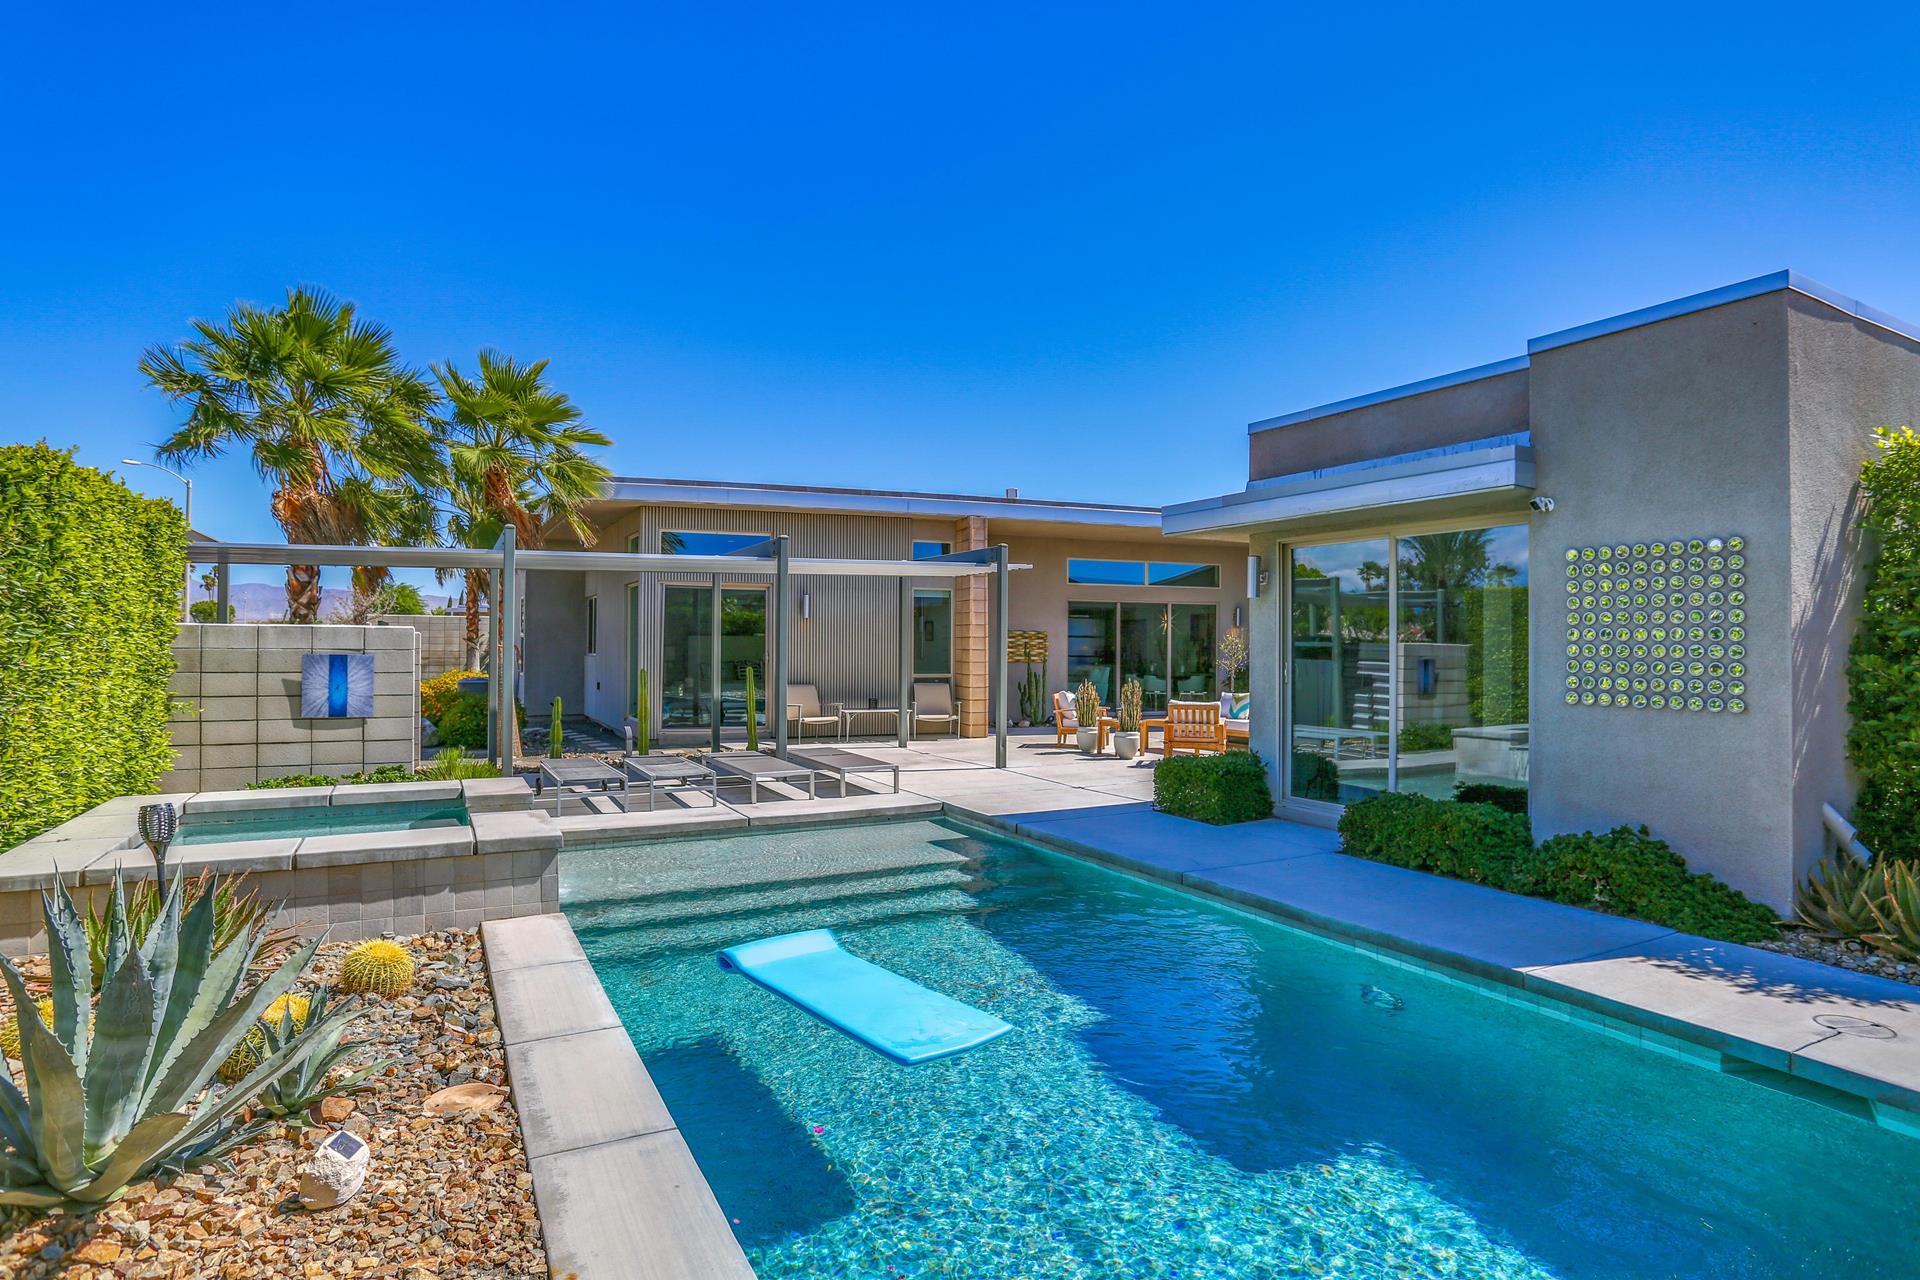 3018 N AVENIDA CABALLEROS - Palm Springs, California